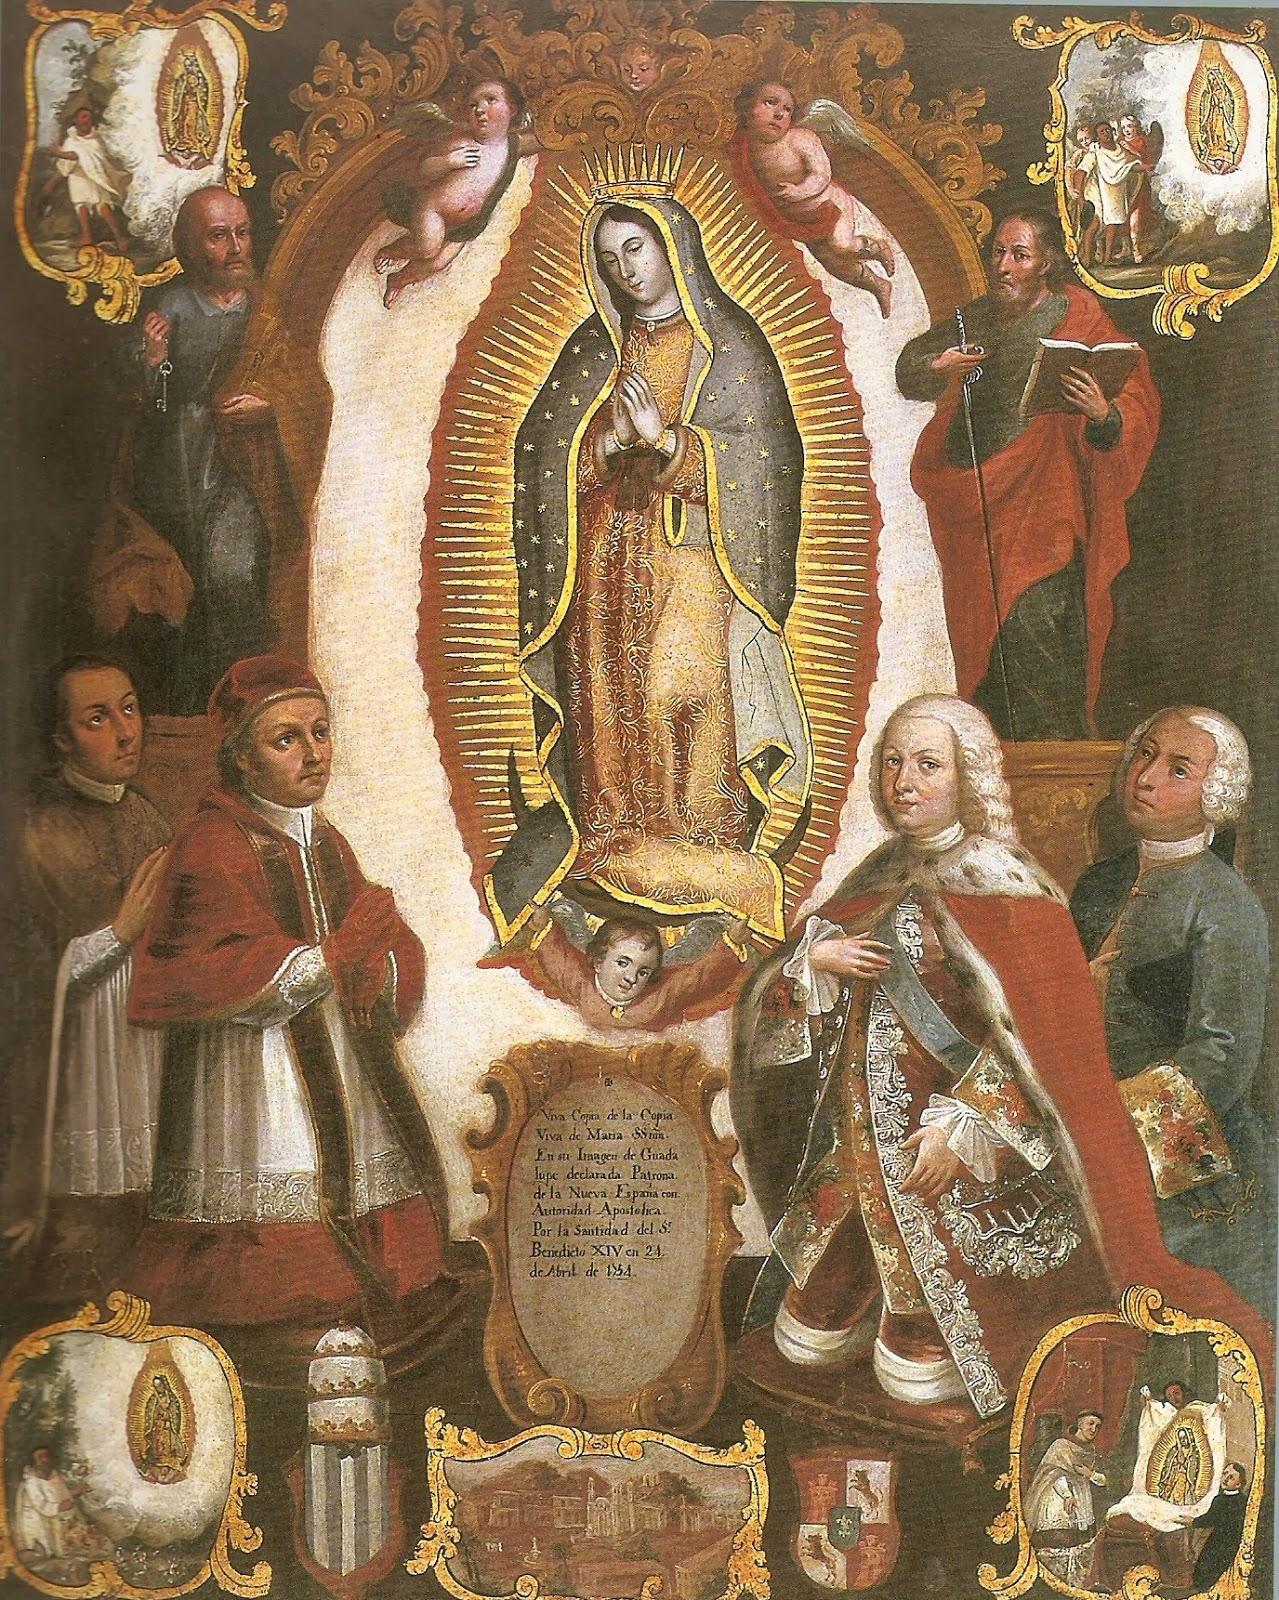 Pintura de Nuestra Señora Virgen de Guadalupe